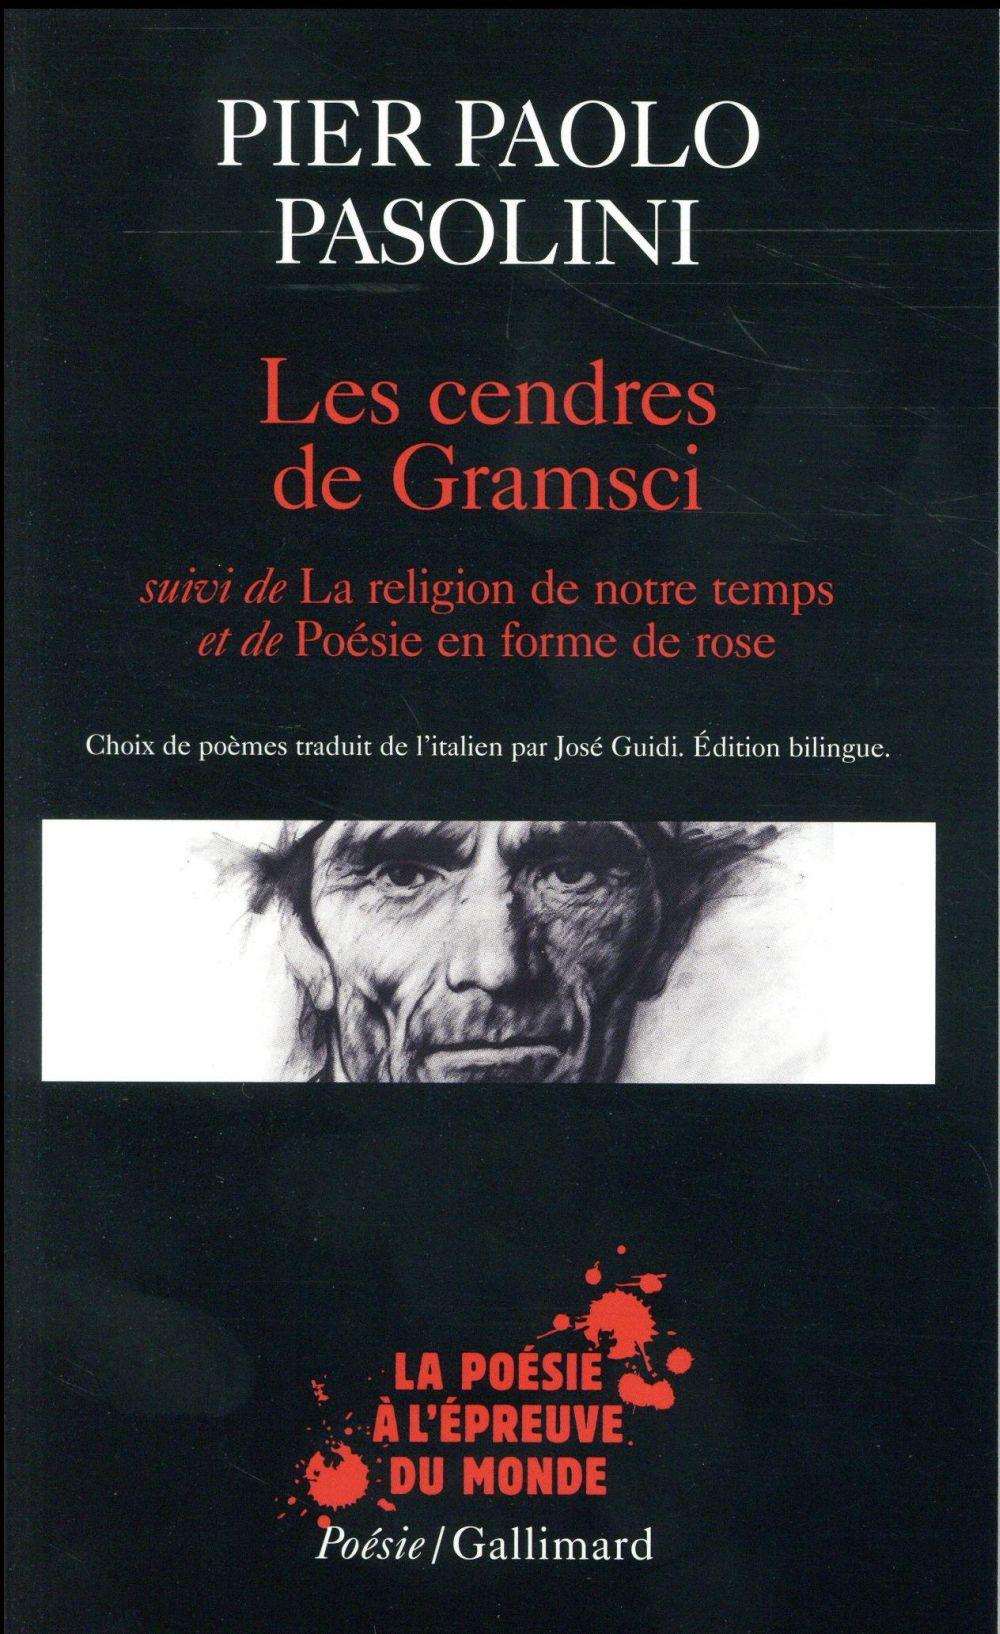 Les cendres de Gramsci ; la religion de notre temps ; poésie en forme de rose